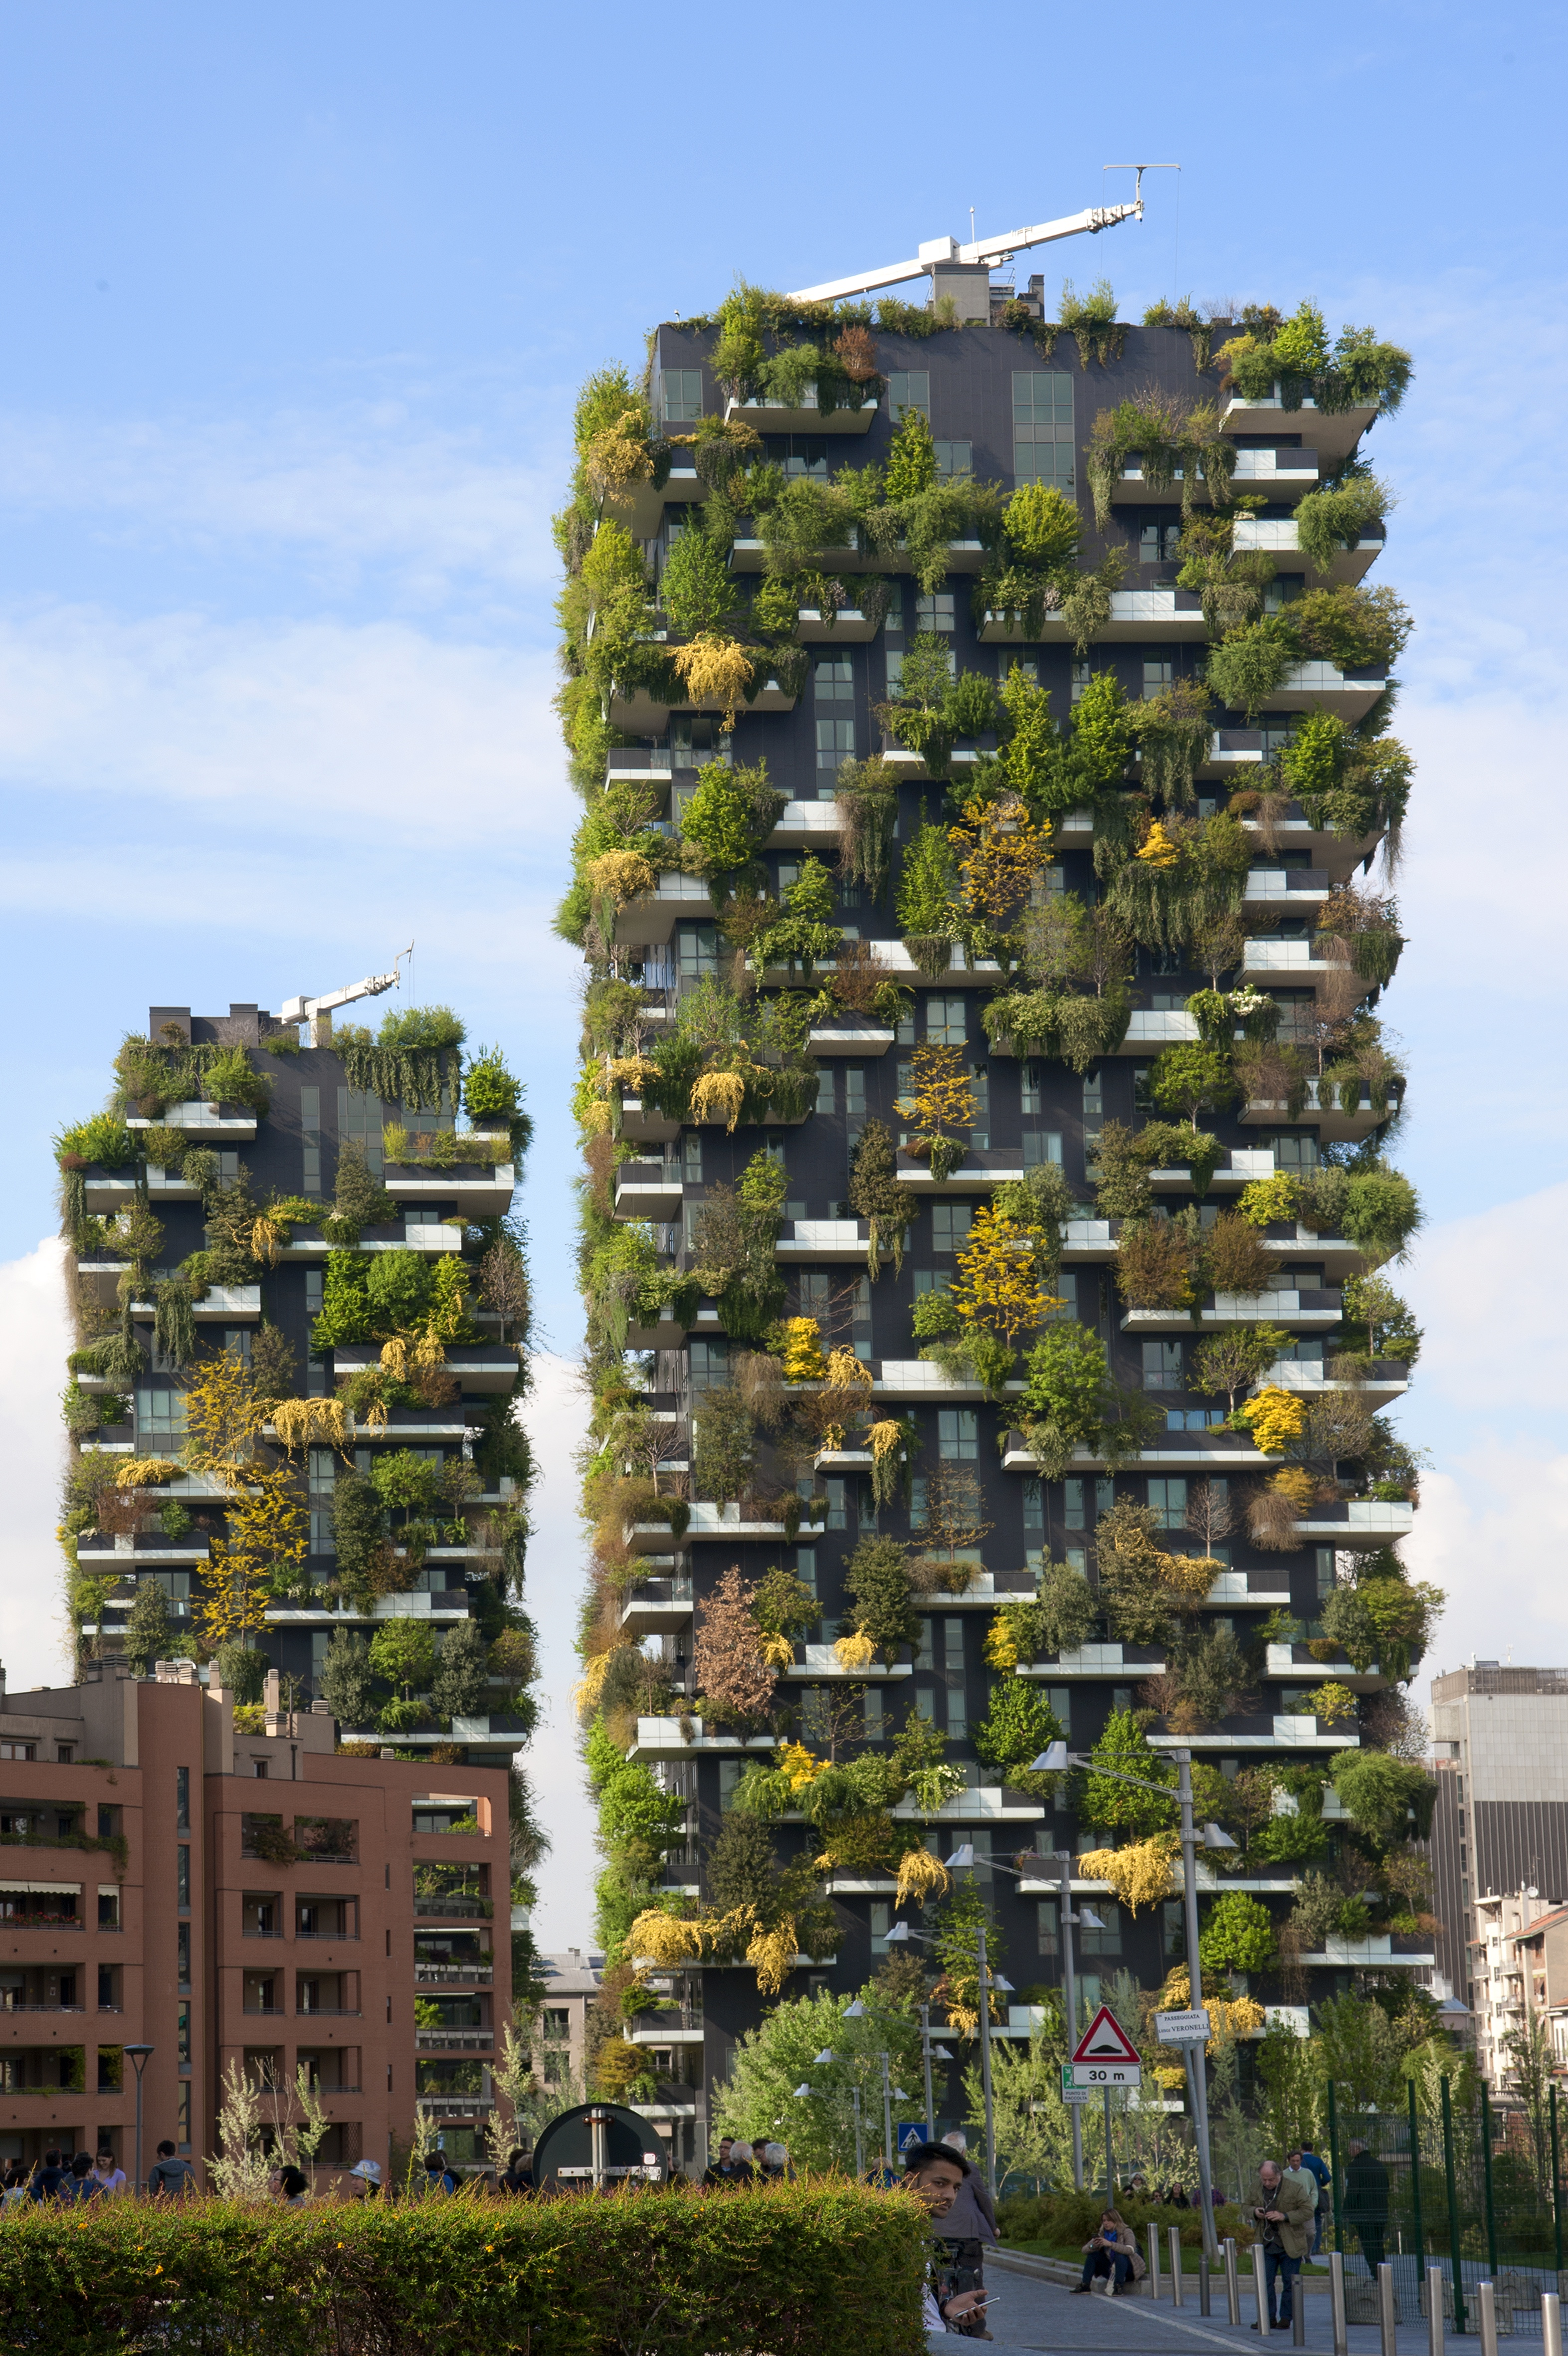 Hol található a Bosco Verticale (Függőleges erdő) néven ismert, fákkal beültetett két lakótorony?